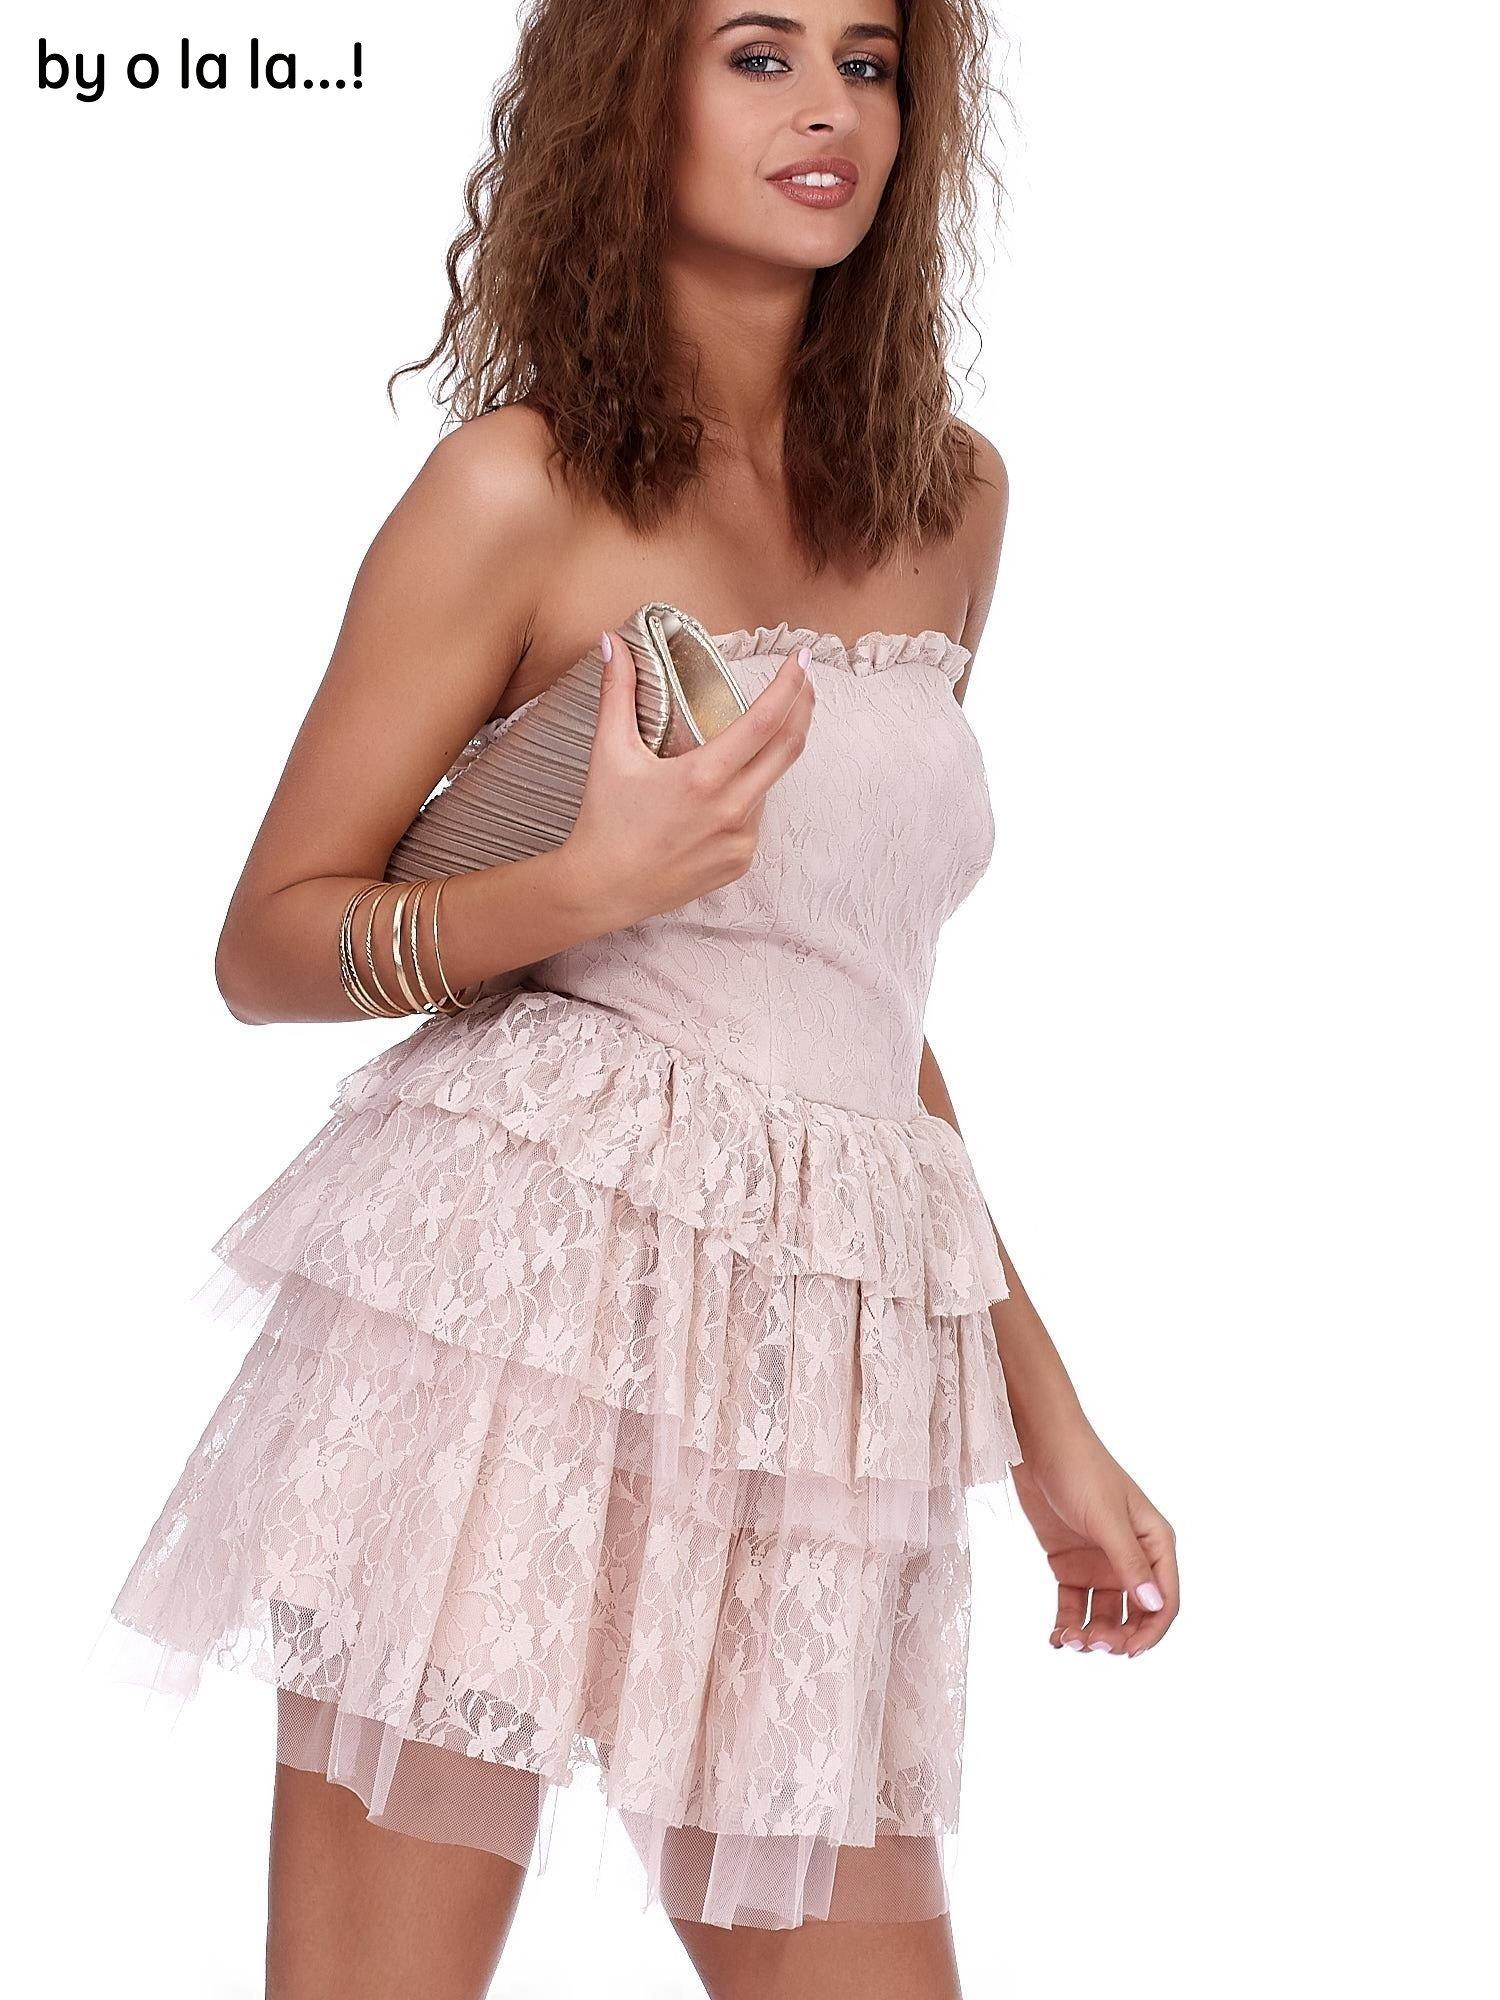 7973033201 1 · Różowa koronkowa sukienka z warstwowymi falbanami BY O LA LA ...